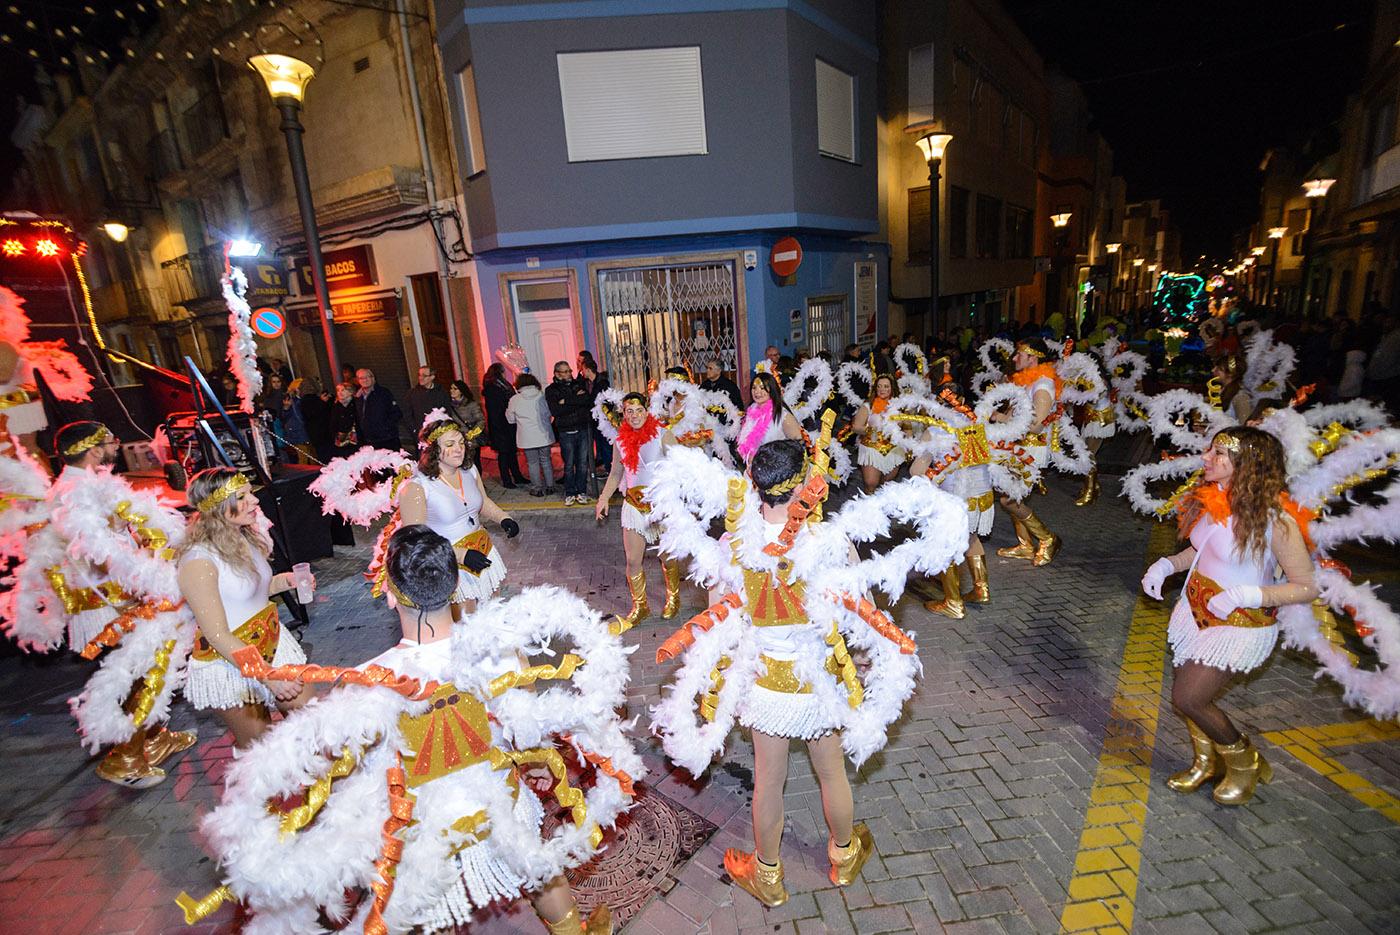 Turismo-Alcossebre_Carnaval_Alcala_de_Xivert_Comparsa